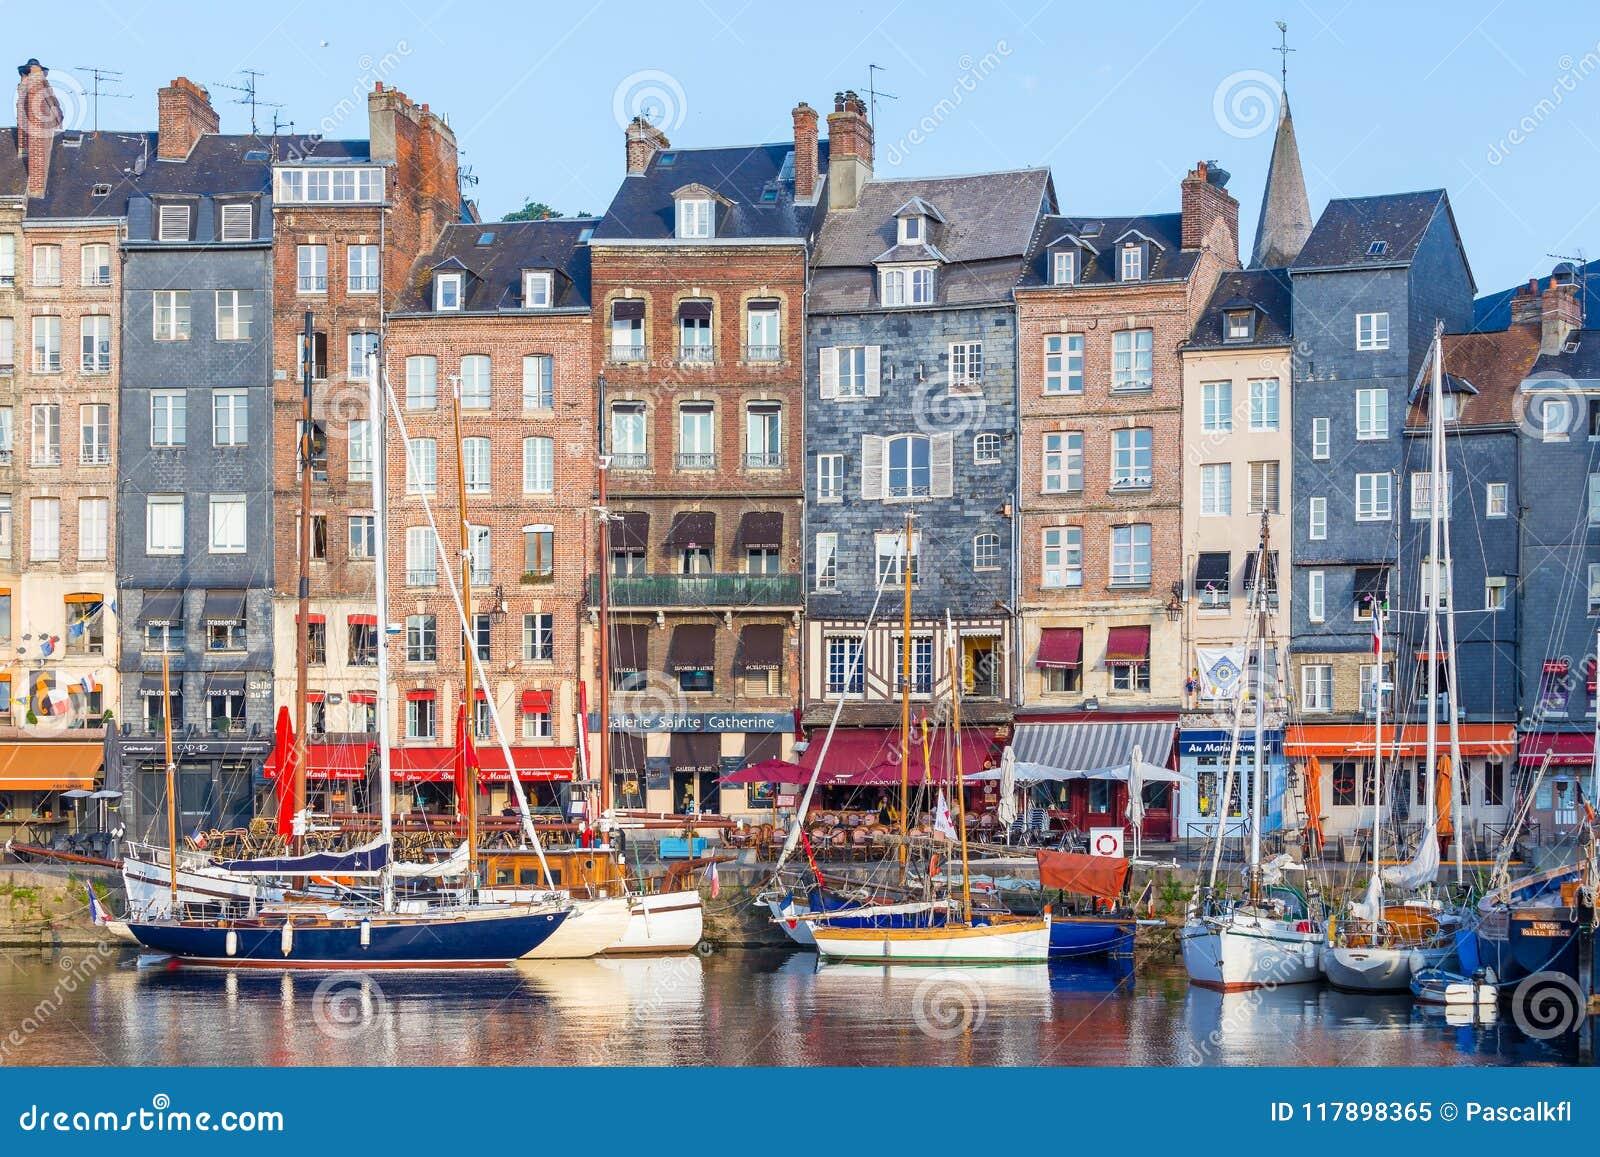 Honfleur, France - 31 août 2016 : Vieux port pittoresque au village de la Normandie des Frances de Honfleur avec des bateaux et d